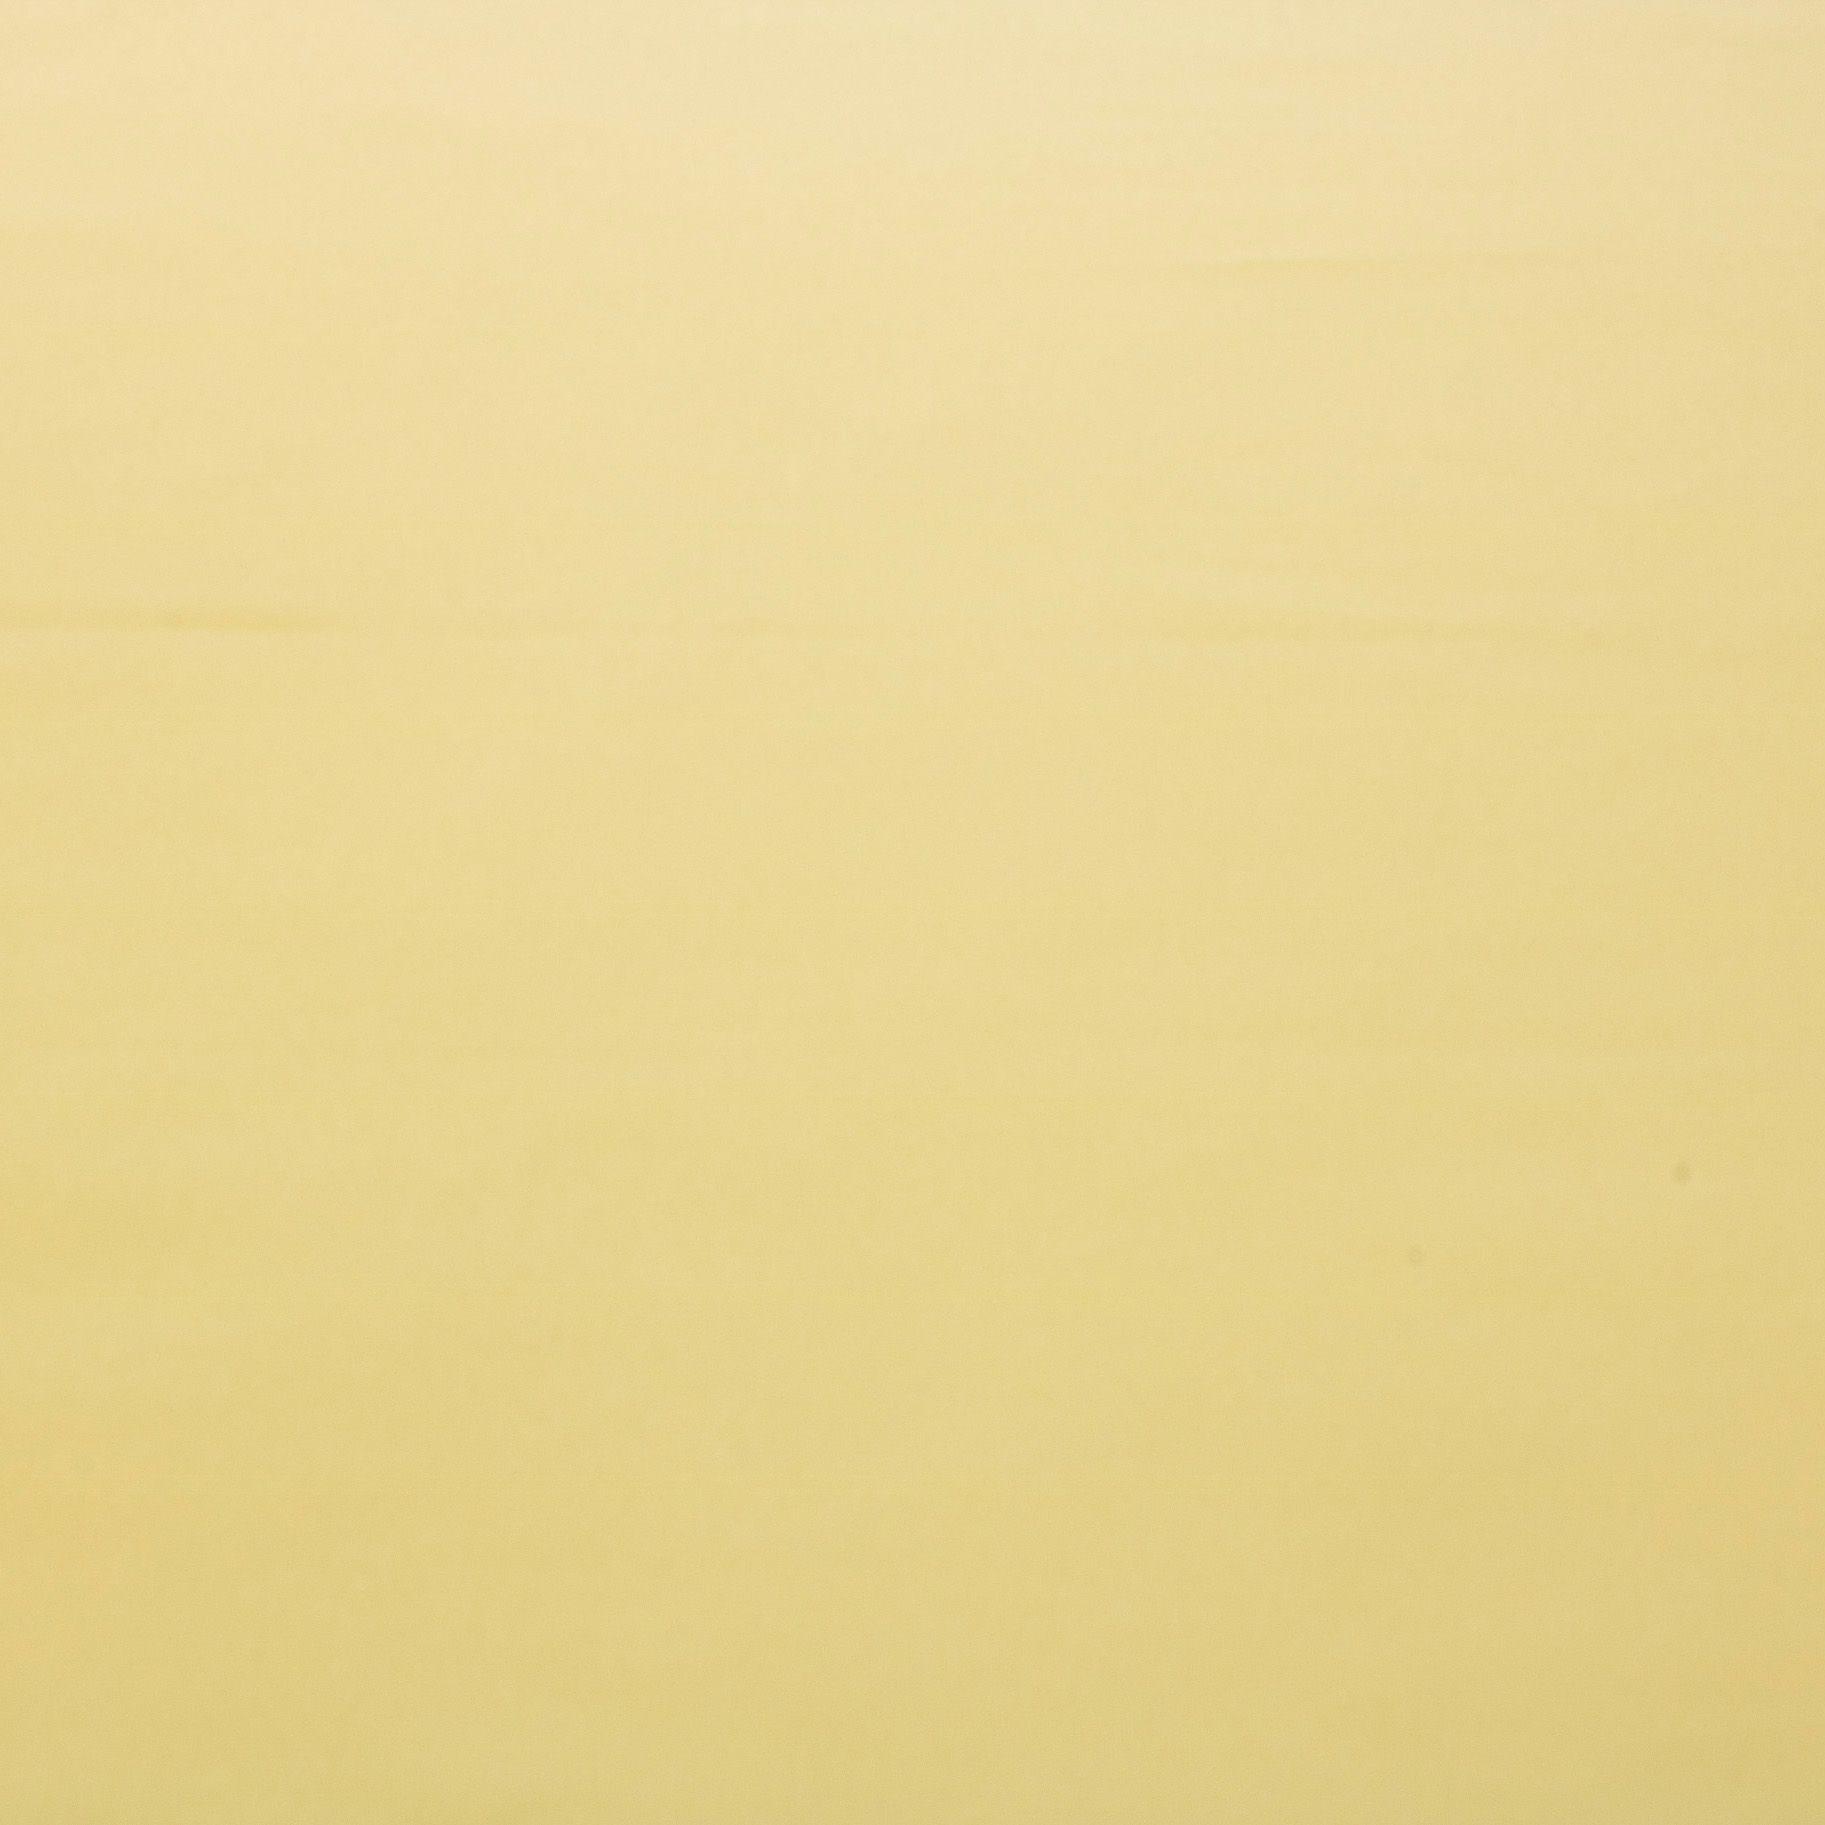 Tecido Oxford Creme 100% Poliester 1,50 m Largura